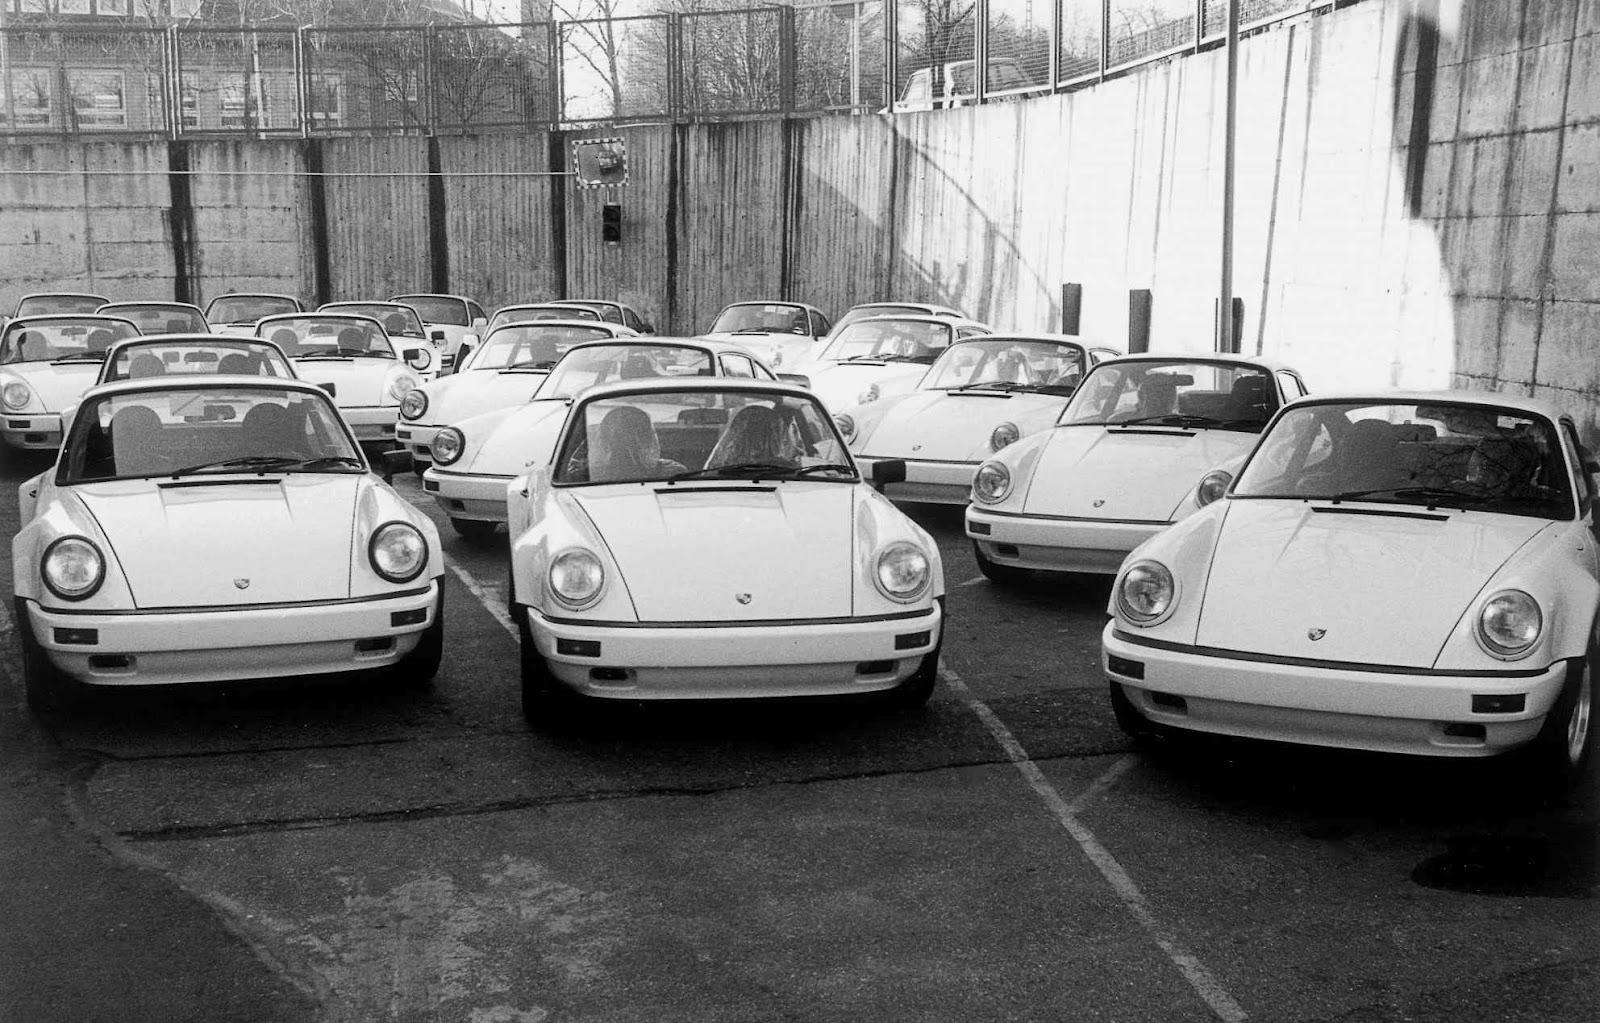 Porsche 954 Porsche Cars History